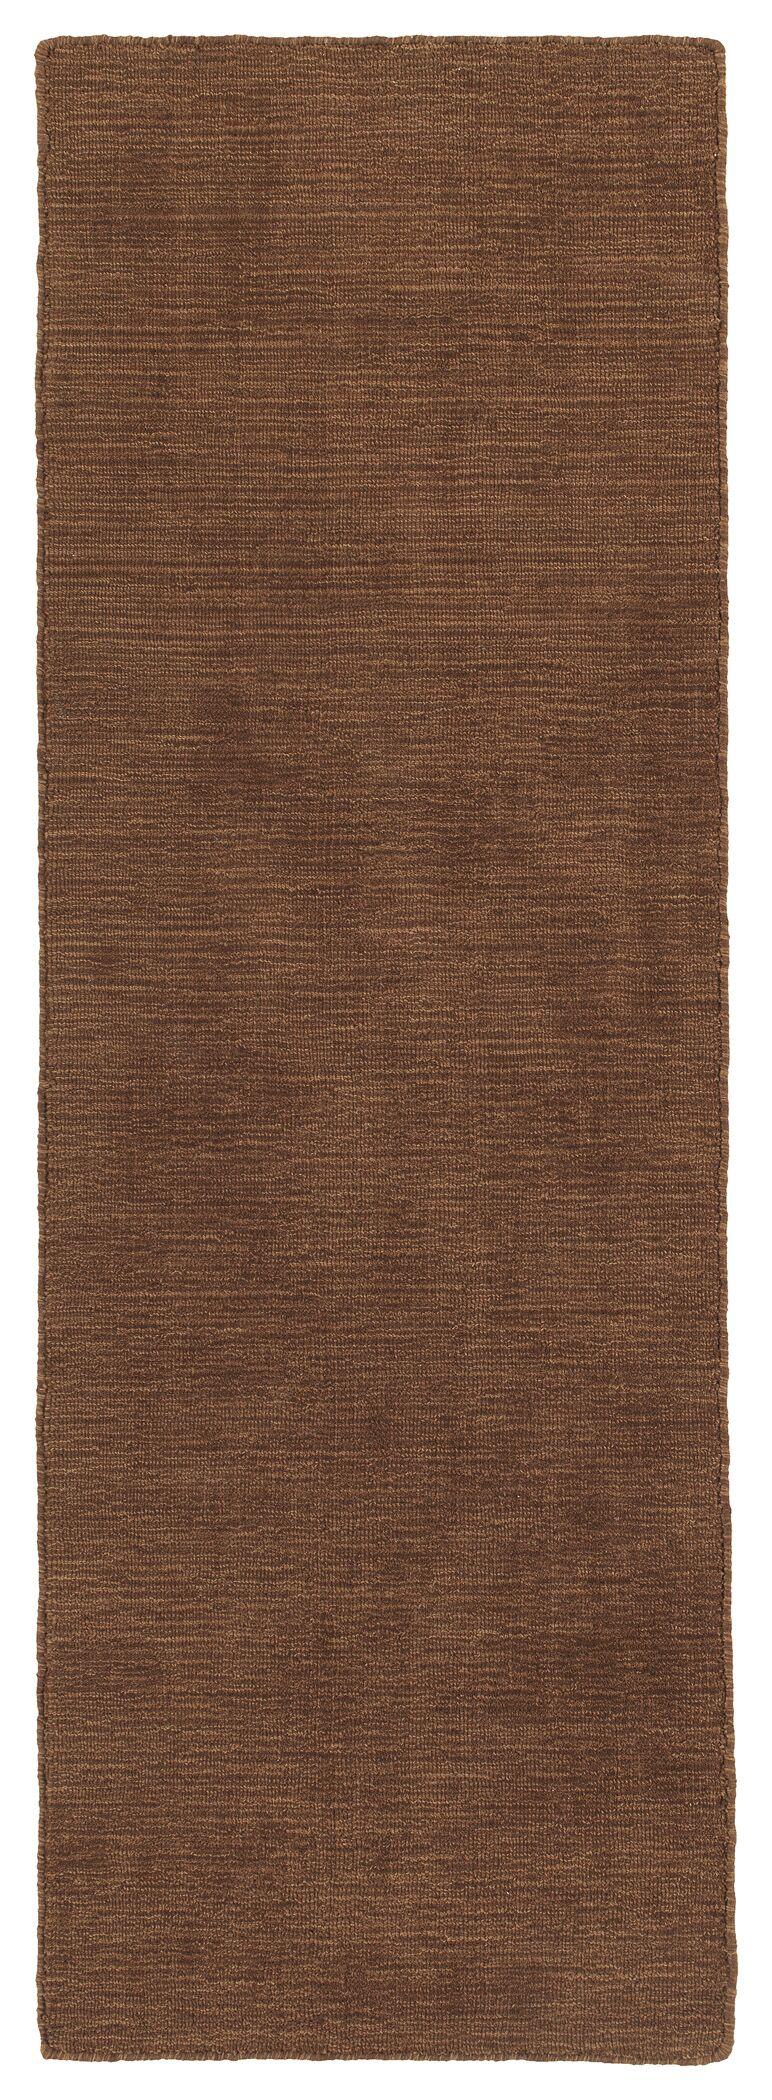 Allibert Hand-Loomed Light Brown Indoor/Outdoor Area Rug Rug Size: Runner 2' x 6'